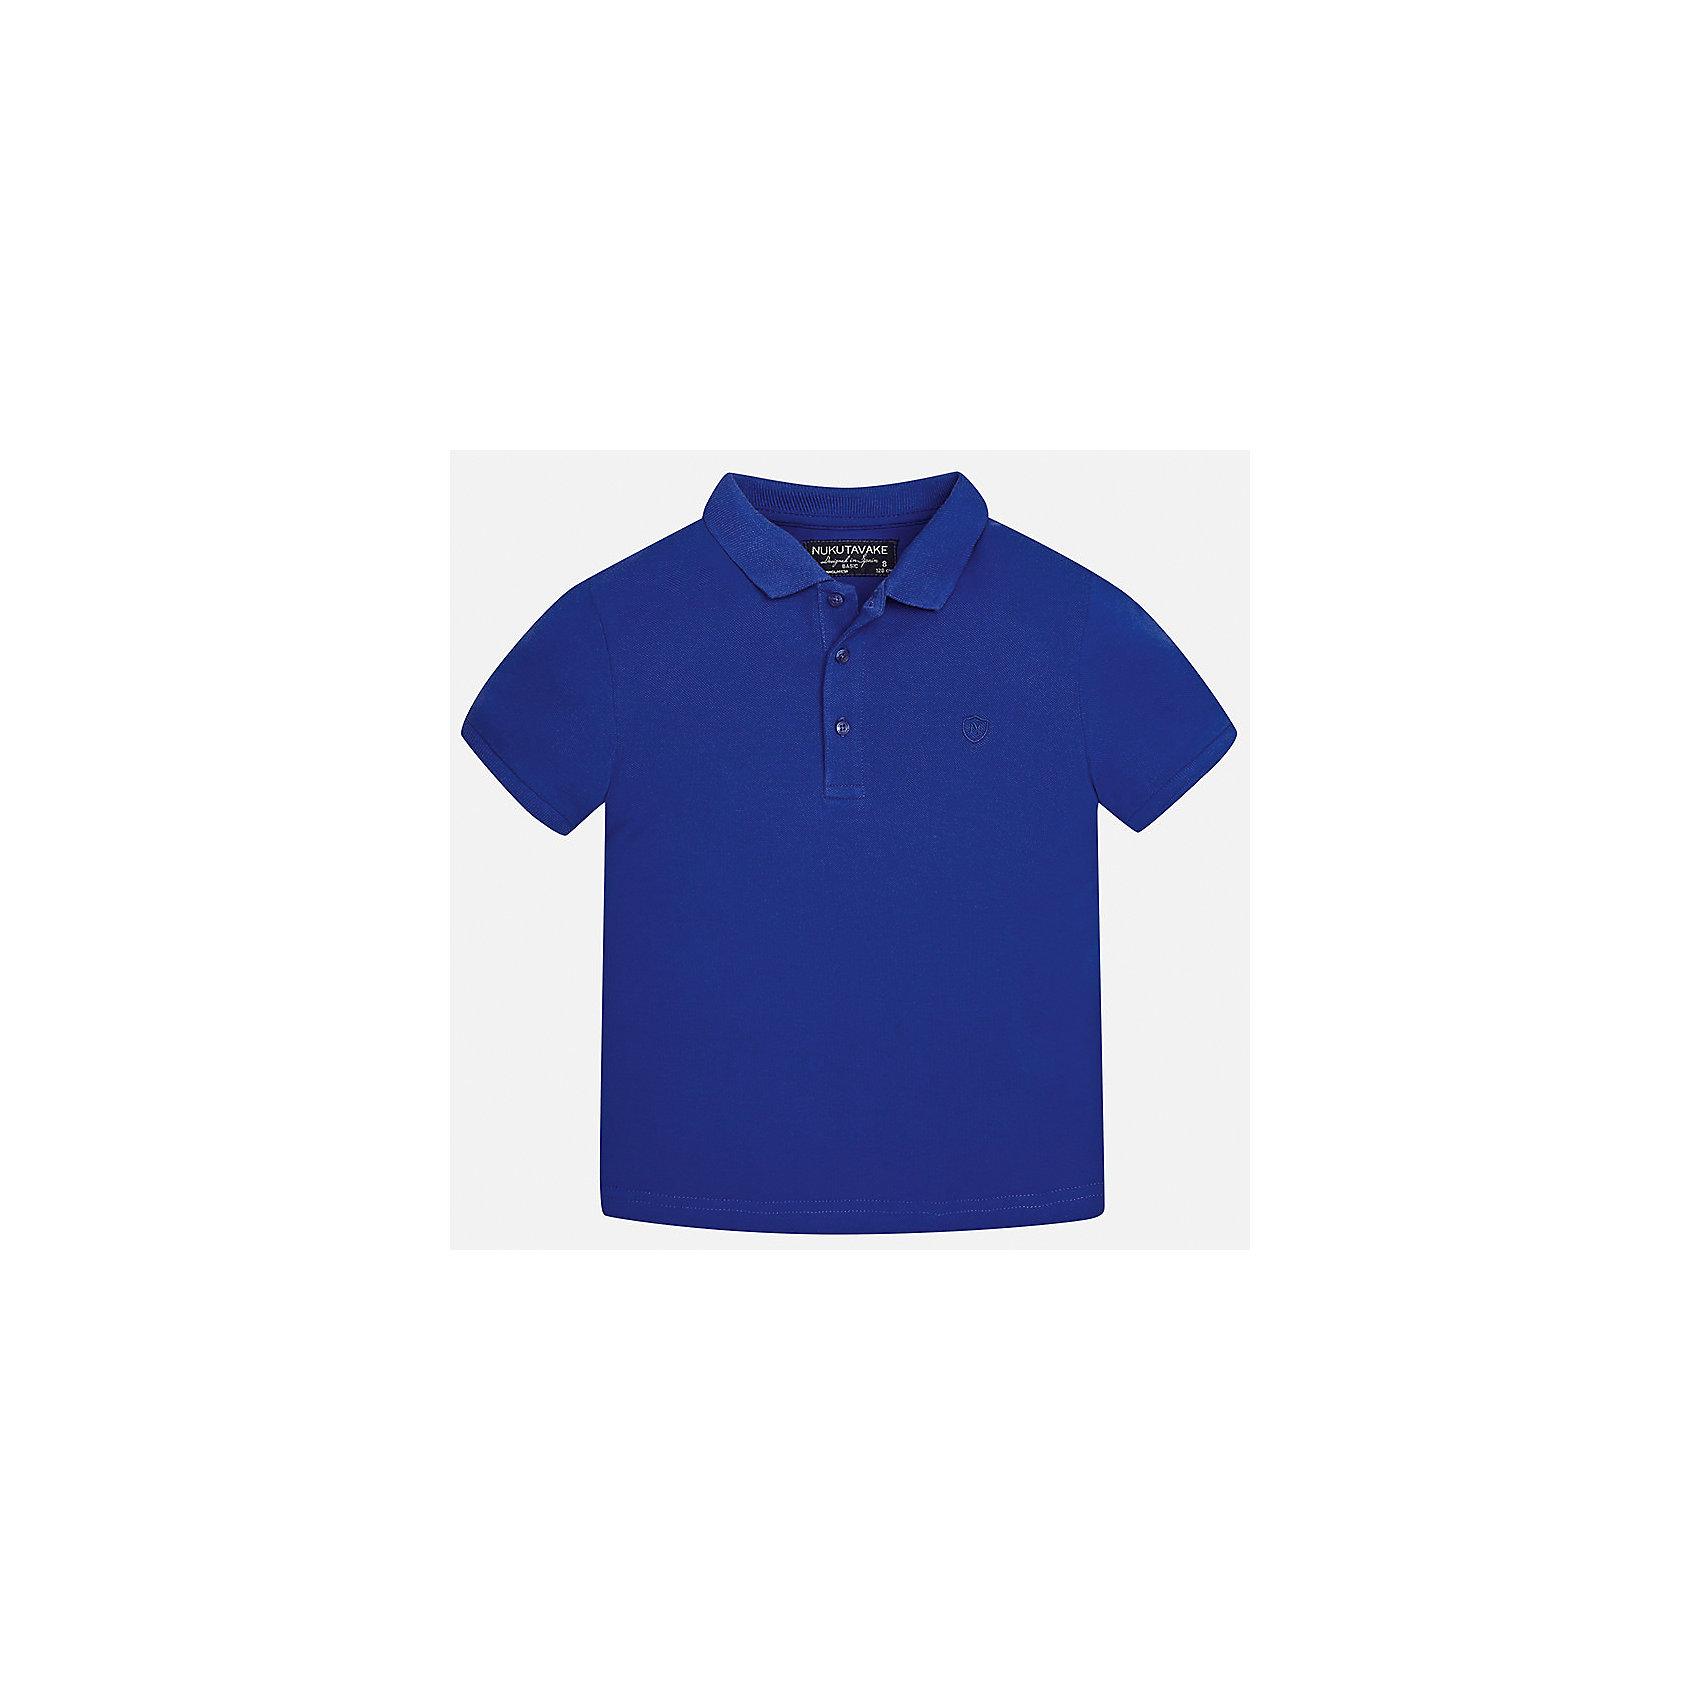 Футболка-поло для мальчика MayoralФутболки, поло и топы<br>Характеристики товара:<br><br>• цвет: синий<br>• состав: 100% хлопок<br>• отложной воротник<br>• короткие рукава<br>• застежка: пуговицы<br>• страна бренда: Испания<br><br>Удобная и модная футболка-поло для мальчика может стать базовой вещью в гардеробе ребенка. Она отлично сочетается с брюками, шортами, джинсами и т.д. Универсальный крой и цвет позволяет подобрать к вещи низ разных расцветок. Практичное и стильное изделие! В составе материала - только натуральный хлопок, гипоаллергенный, приятный на ощупь, дышащий.<br><br>Одежда, обувь и аксессуары от испанского бренда Mayoral полюбились детям и взрослым по всему миру. Модели этой марки - стильные и удобные. Для их производства используются только безопасные, качественные материалы и фурнитура. Порадуйте ребенка модными и красивыми вещами от Mayoral! <br><br>Футболку-поло для мальчика от испанского бренда Mayoral (Майорал) можно купить в нашем интернет-магазине.<br><br>Ширина мм: 230<br>Глубина мм: 40<br>Высота мм: 220<br>Вес г: 250<br>Цвет: синий<br>Возраст от месяцев: 84<br>Возраст до месяцев: 96<br>Пол: Мужской<br>Возраст: Детский<br>Размер: 128/134,170,164,158,152,140<br>SKU: 5278356